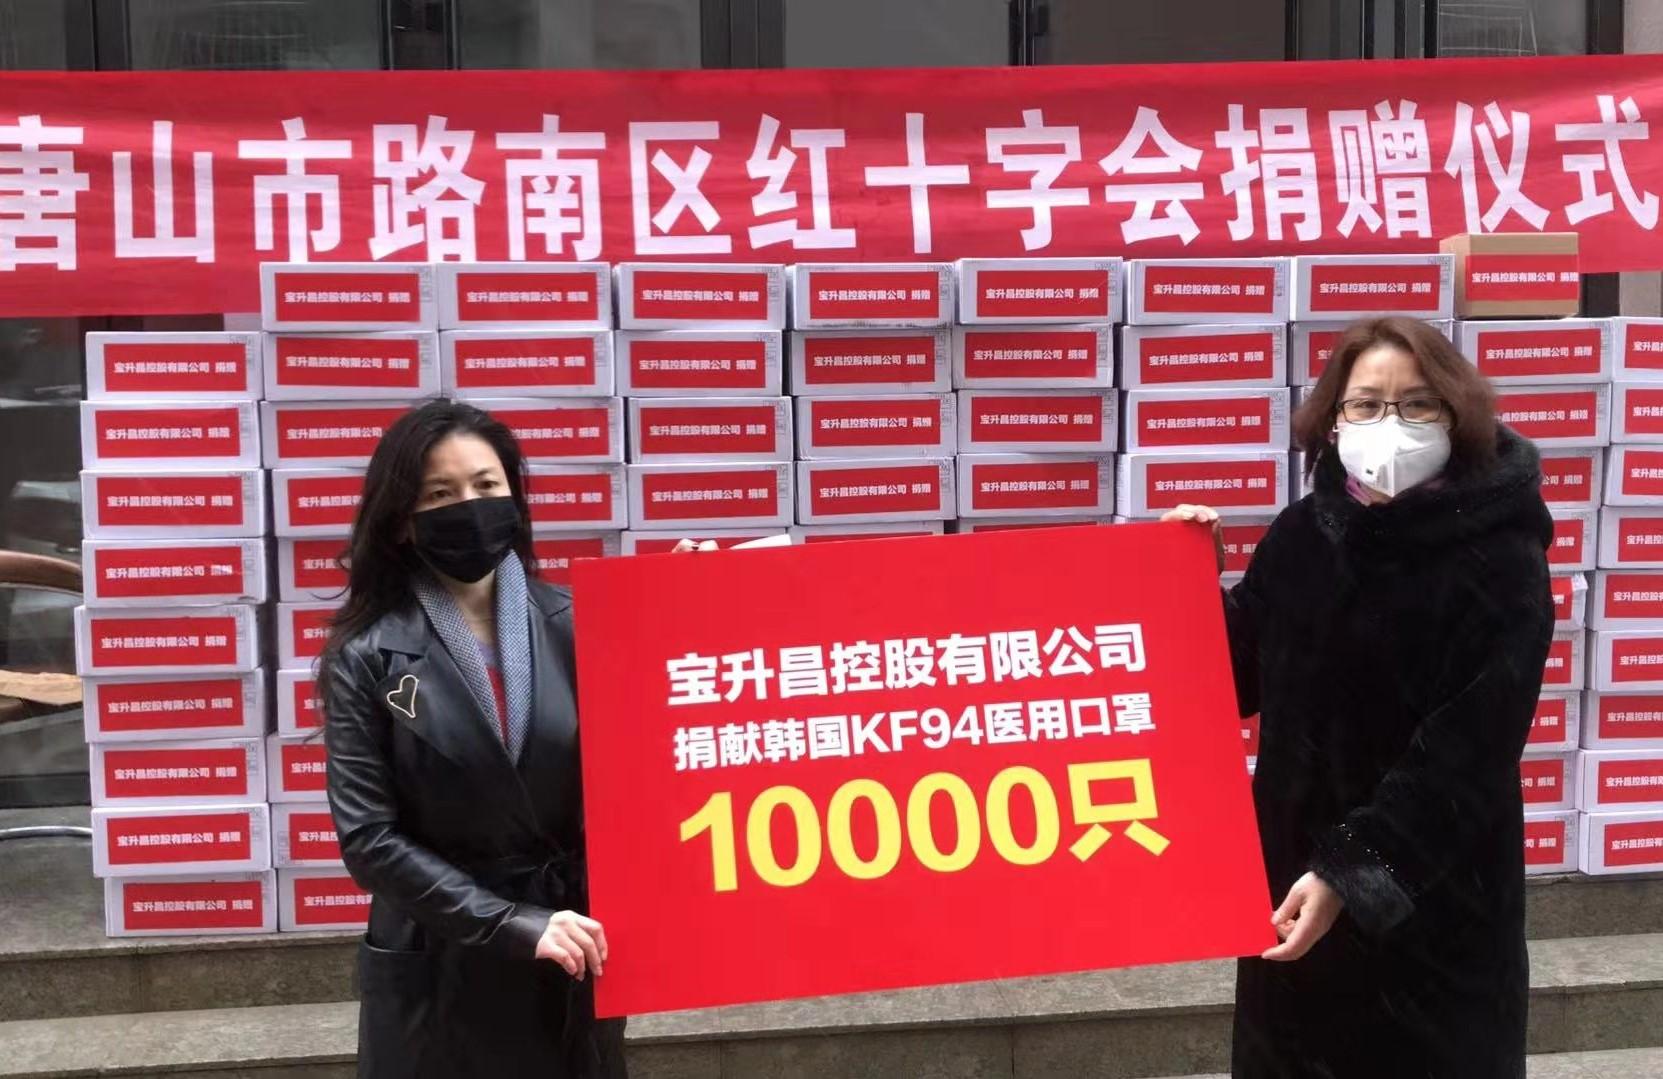 理事单位宝升昌控股公司为路南红+字捐赠